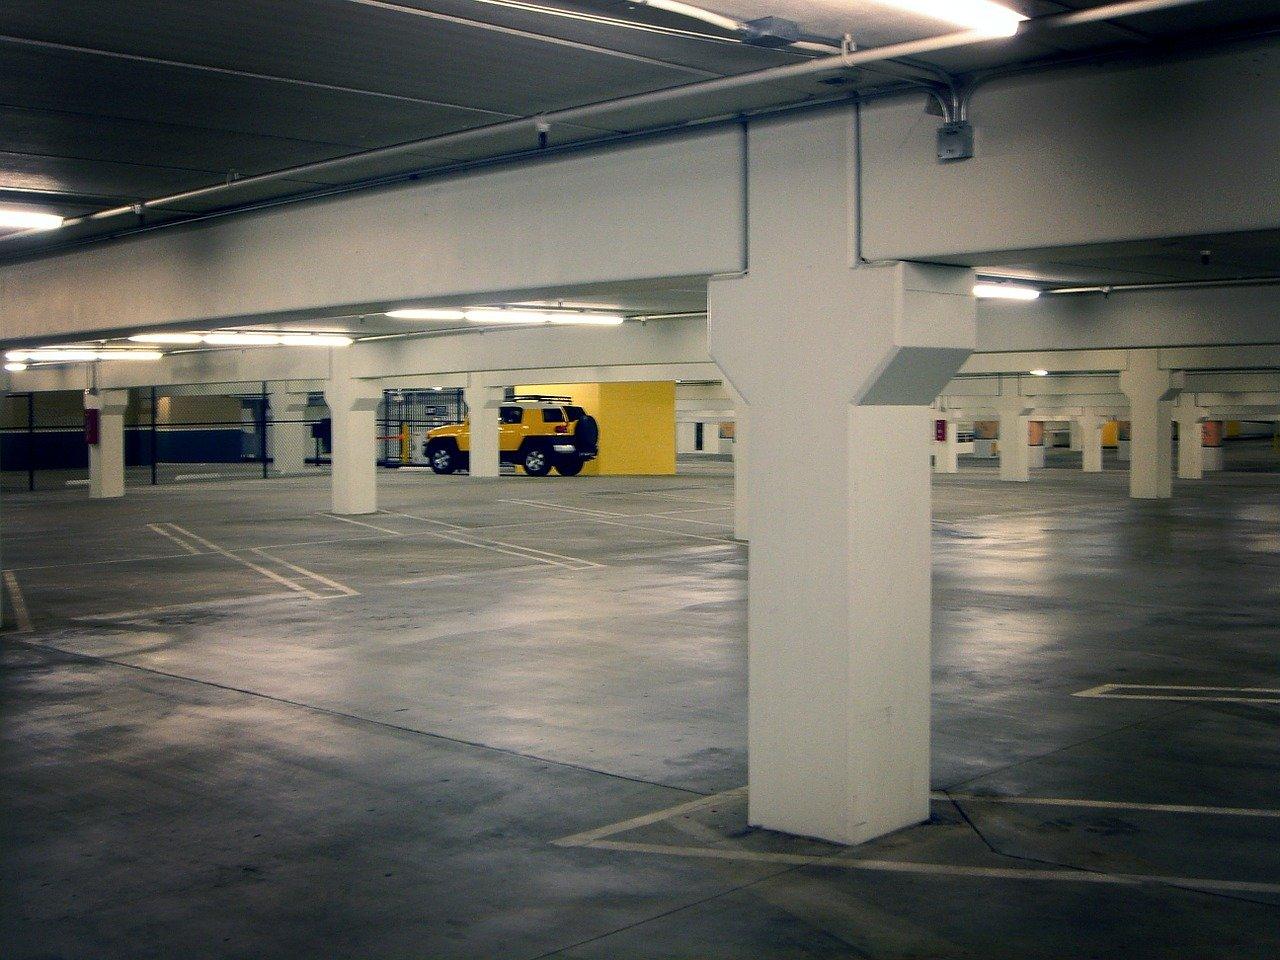 מערכות LPR לשם מעקב רכבים בחניה